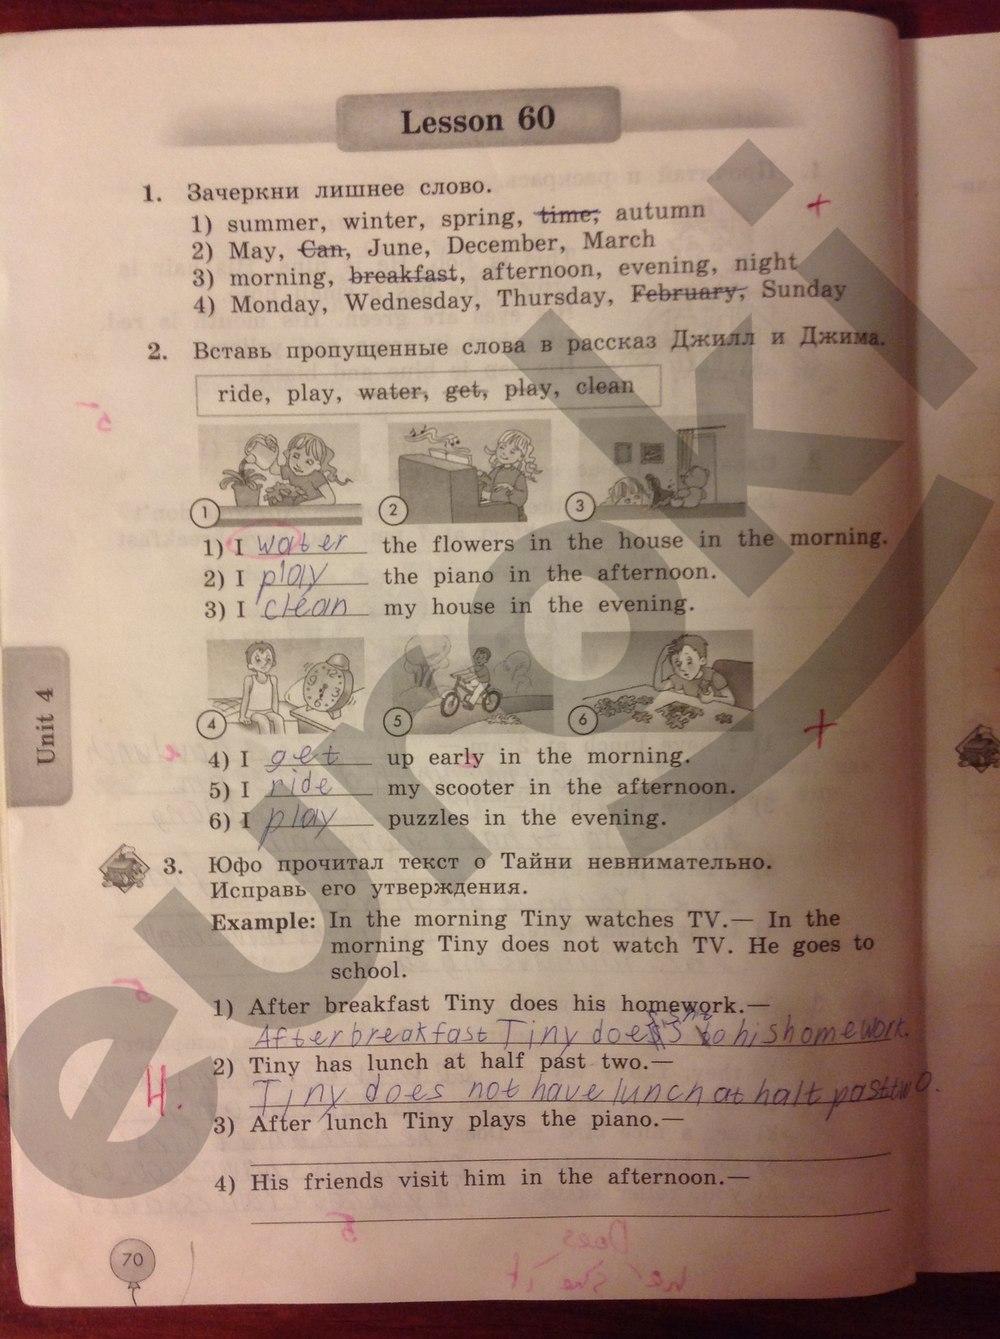 Тетрадь 3 класс 2-е издание по языку английскому рабочая гдз биболетова